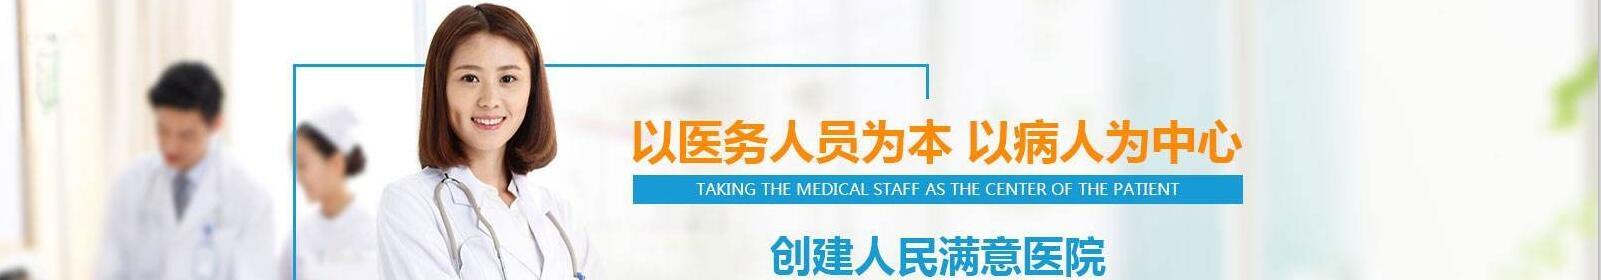 杭州妇色天使在线视频在线视频偷国产精品